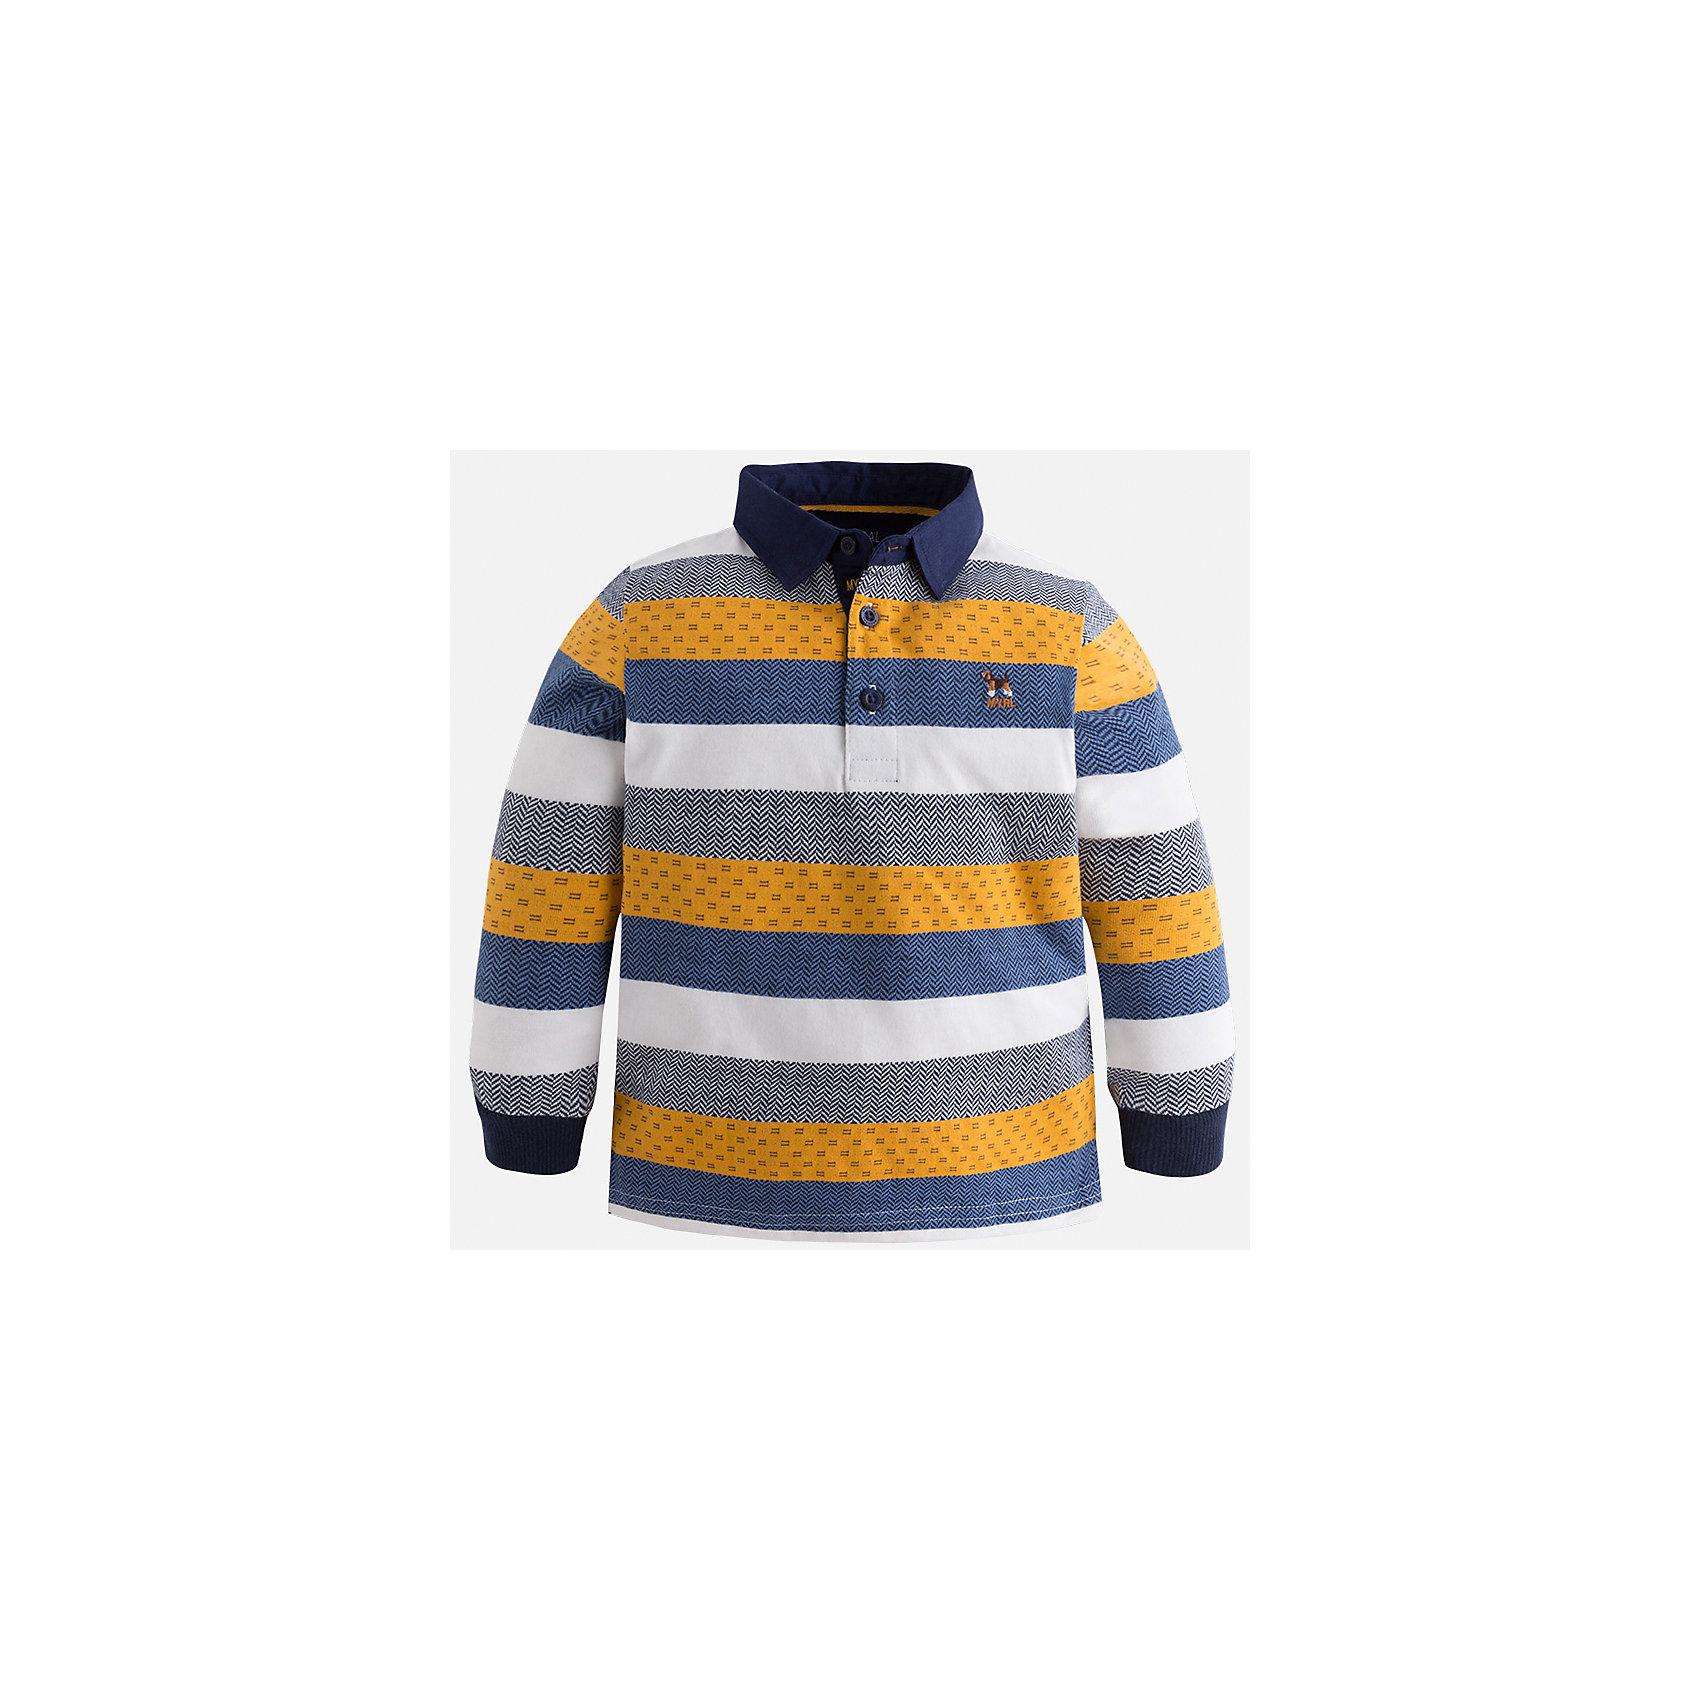 Футболка-поло с длинным рукавом для мальчика MayoralФутболки с длинным рукавом<br>Характеристики товара:<br><br>• цвет: оранжевый<br>• состав ткани: 100% хлопок<br>• сезон: демисезон<br>• особенности модели: отложной воротник<br>• застежка: пуговицы<br>• длинные рукава<br>• страна бренда: Испания<br>• страна изготовитель: Индия<br><br>Полосатая детская футболка-поло с длинным рукавом сделана из дышащего приятного на ощупь материала. Благодаря продуманному крою детской футболки-поло создаются комфортные условия для тела. Футболка-поло с длинным рукавом для мальчика отличается стильным продуманным дизайном.<br><br>Футболку-поло с длинным рукавом для мальчика Mayoral (Майорал) можно купить в нашем интернет-магазине.<br><br>Ширина мм: 230<br>Глубина мм: 40<br>Высота мм: 220<br>Вес г: 250<br>Цвет: оранжевый<br>Возраст от месяцев: 96<br>Возраст до месяцев: 108<br>Пол: Мужской<br>Возраст: Детский<br>Размер: 134,92,98,104,110,116,122,128<br>SKU: 6936043